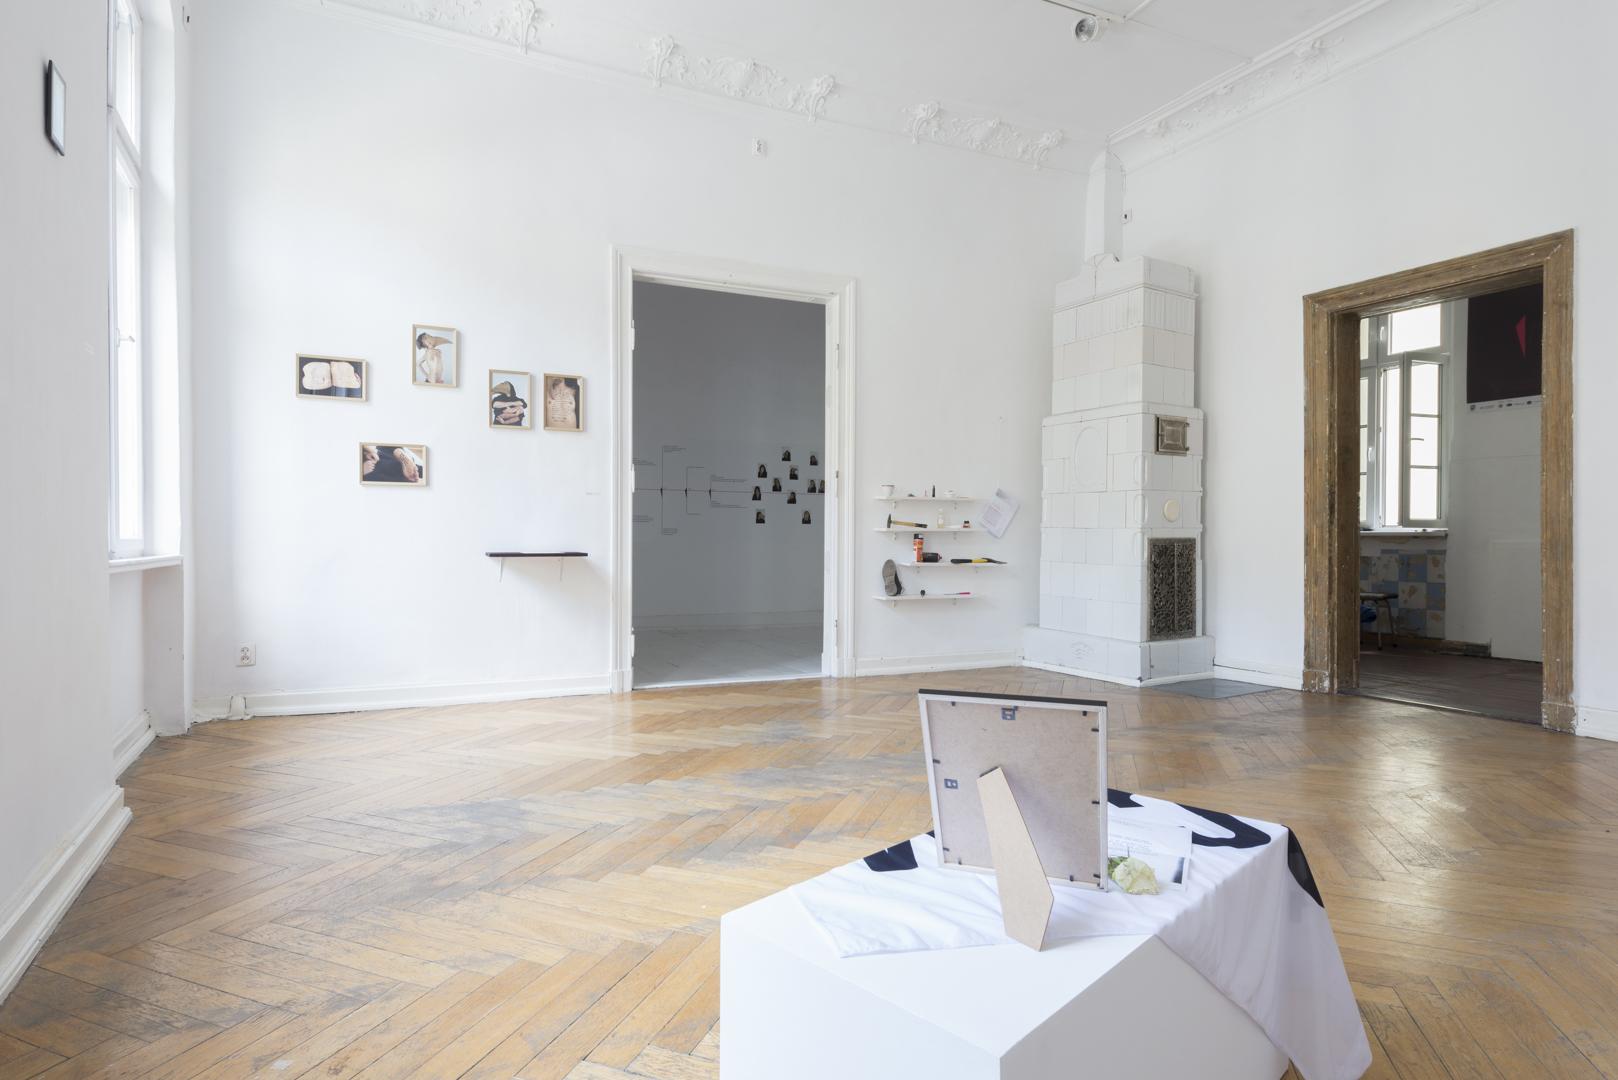 SCUM, widok wystawy